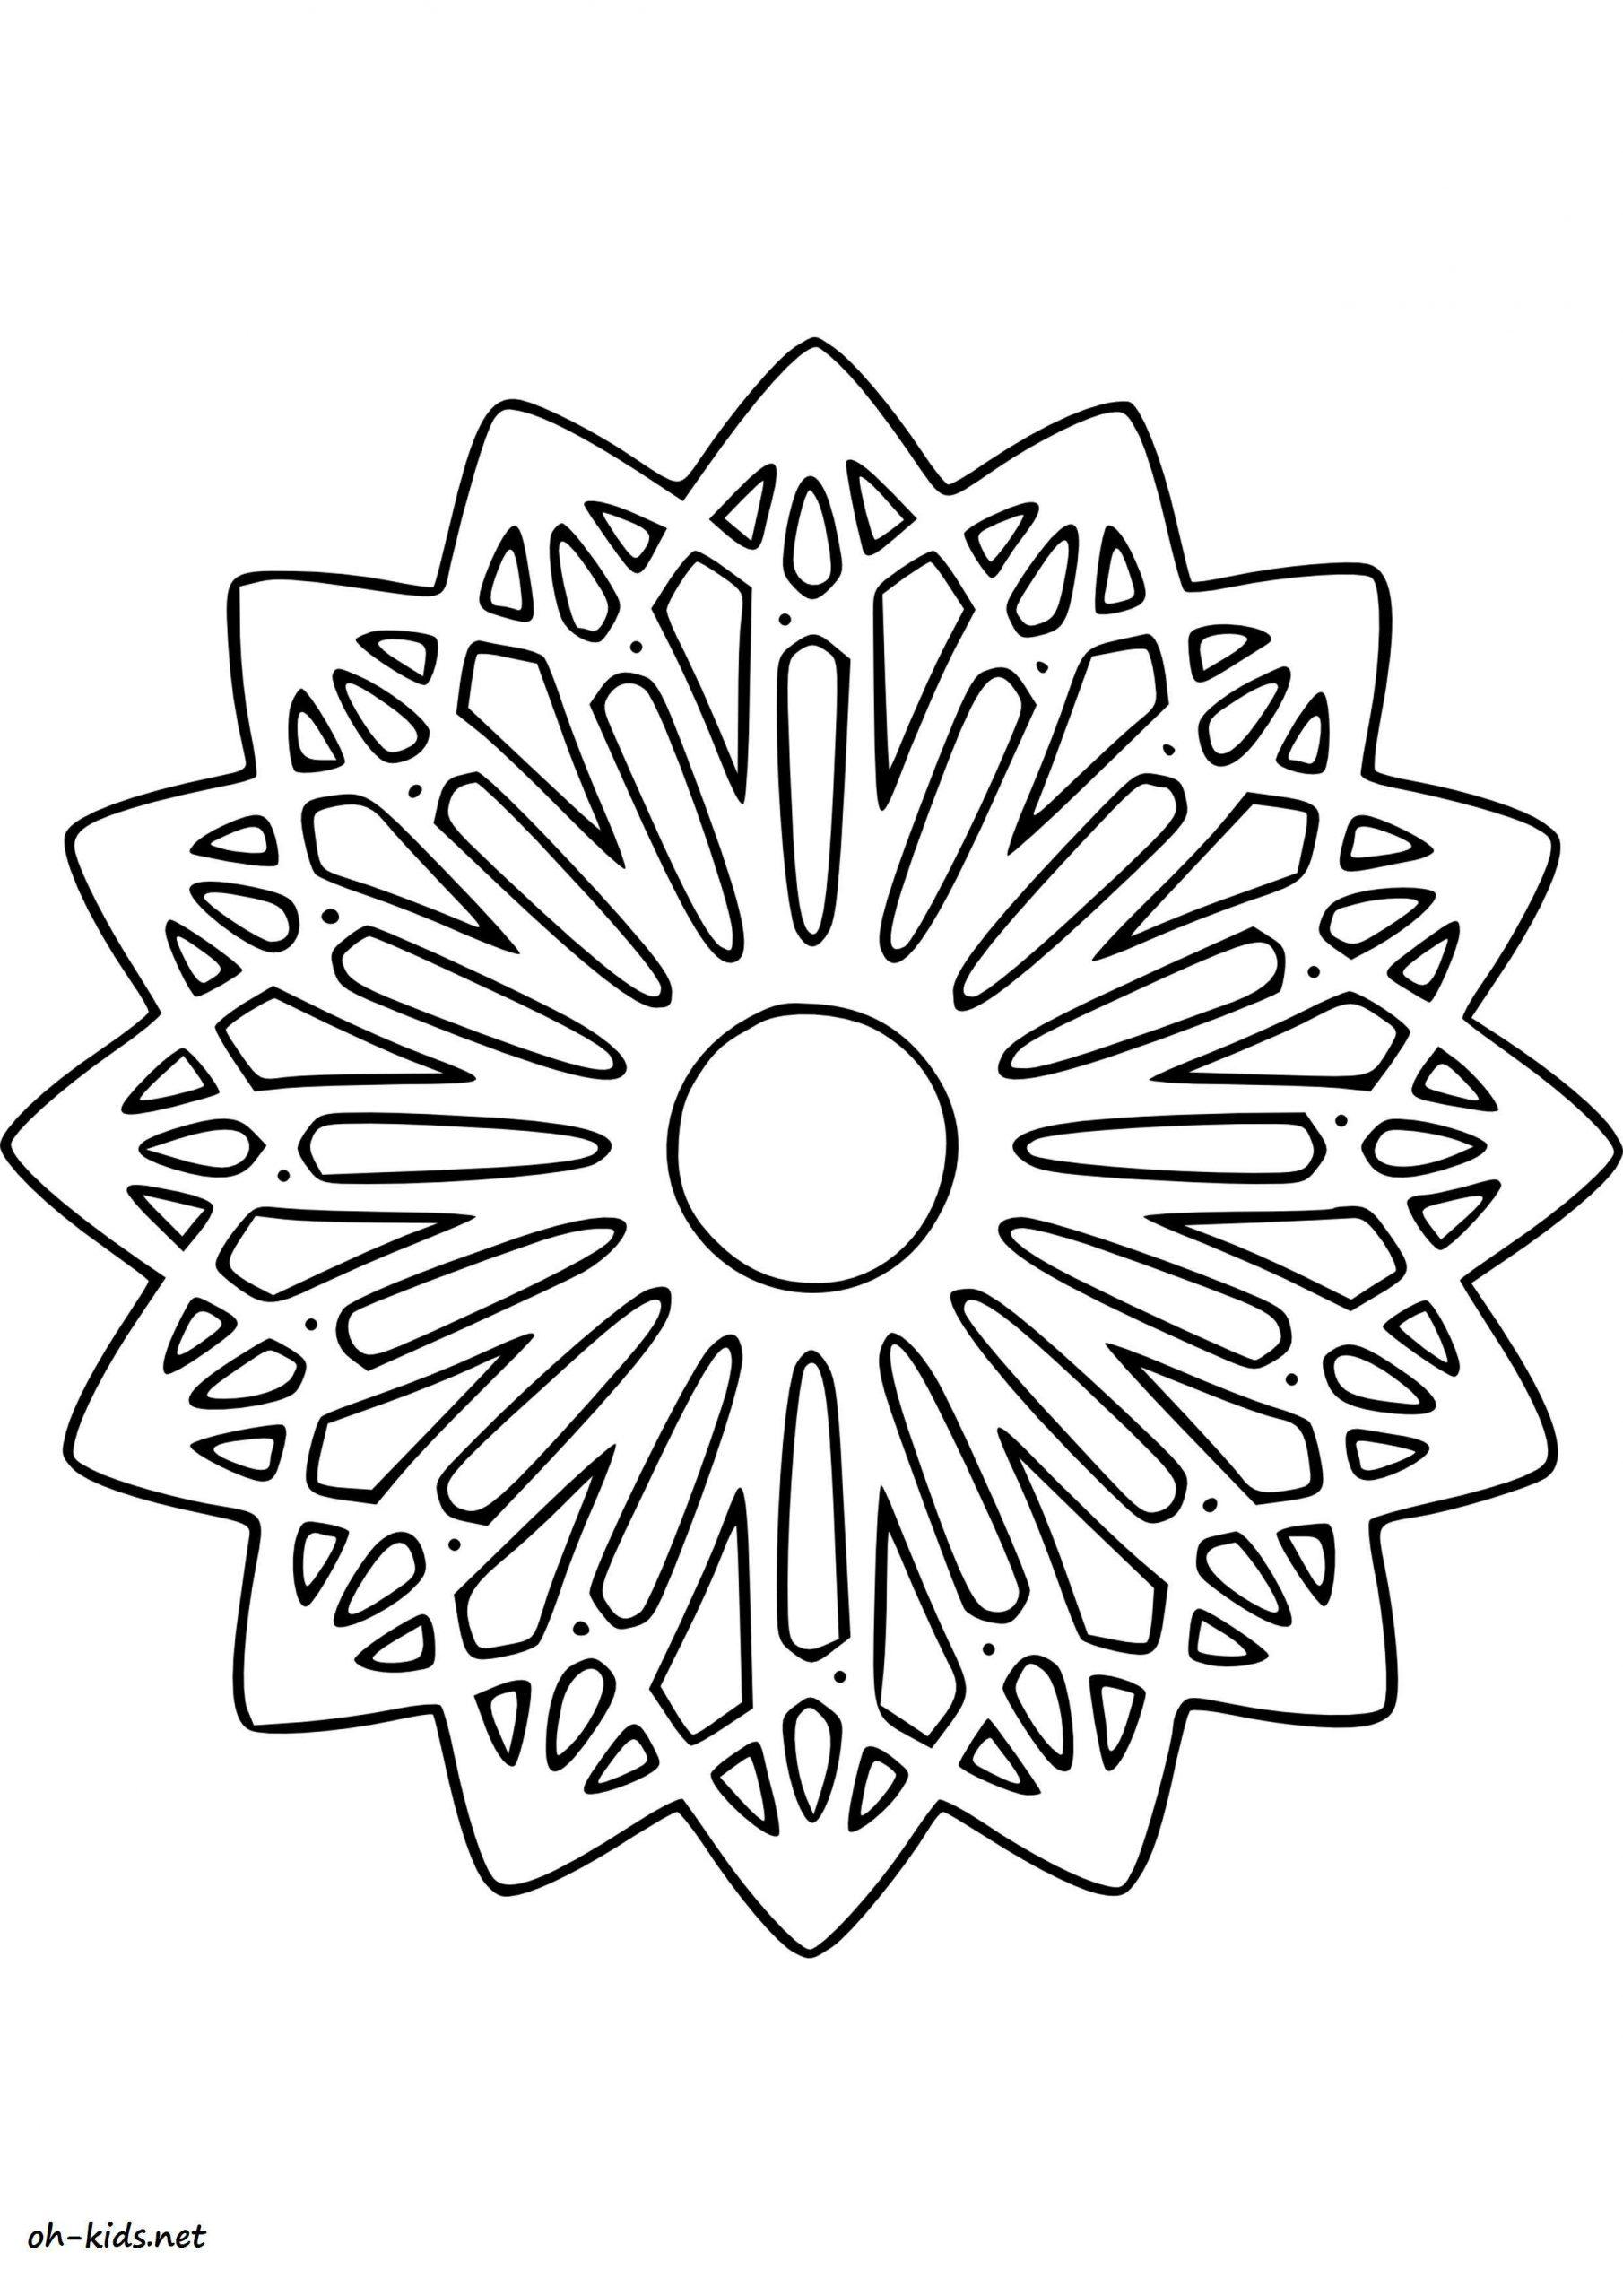 Dessin #1176 - Coloriage Rosace À Imprimer - Oh-Kids destiné Dessiner Une Rosace